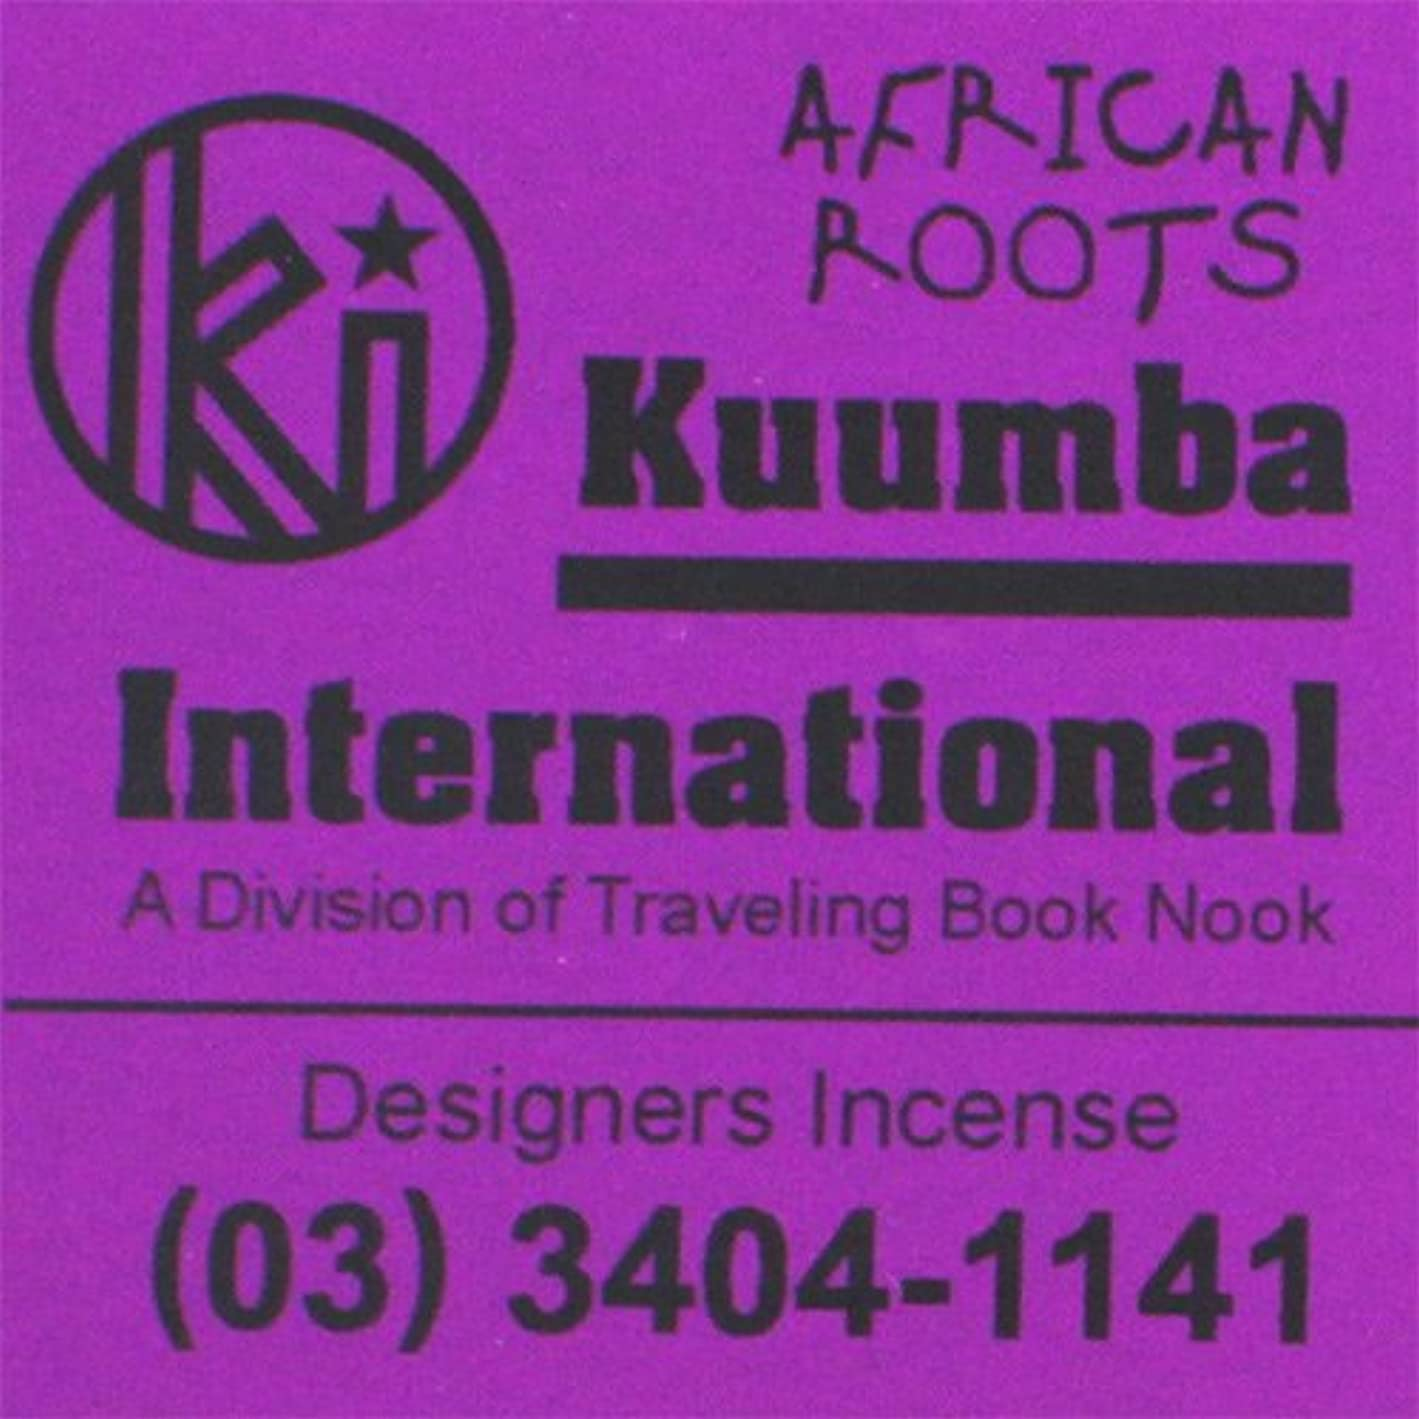 コーナー節約優先権KUUMBA / クンバ『incense』(AFRICAN ROOTS) (Regular size)